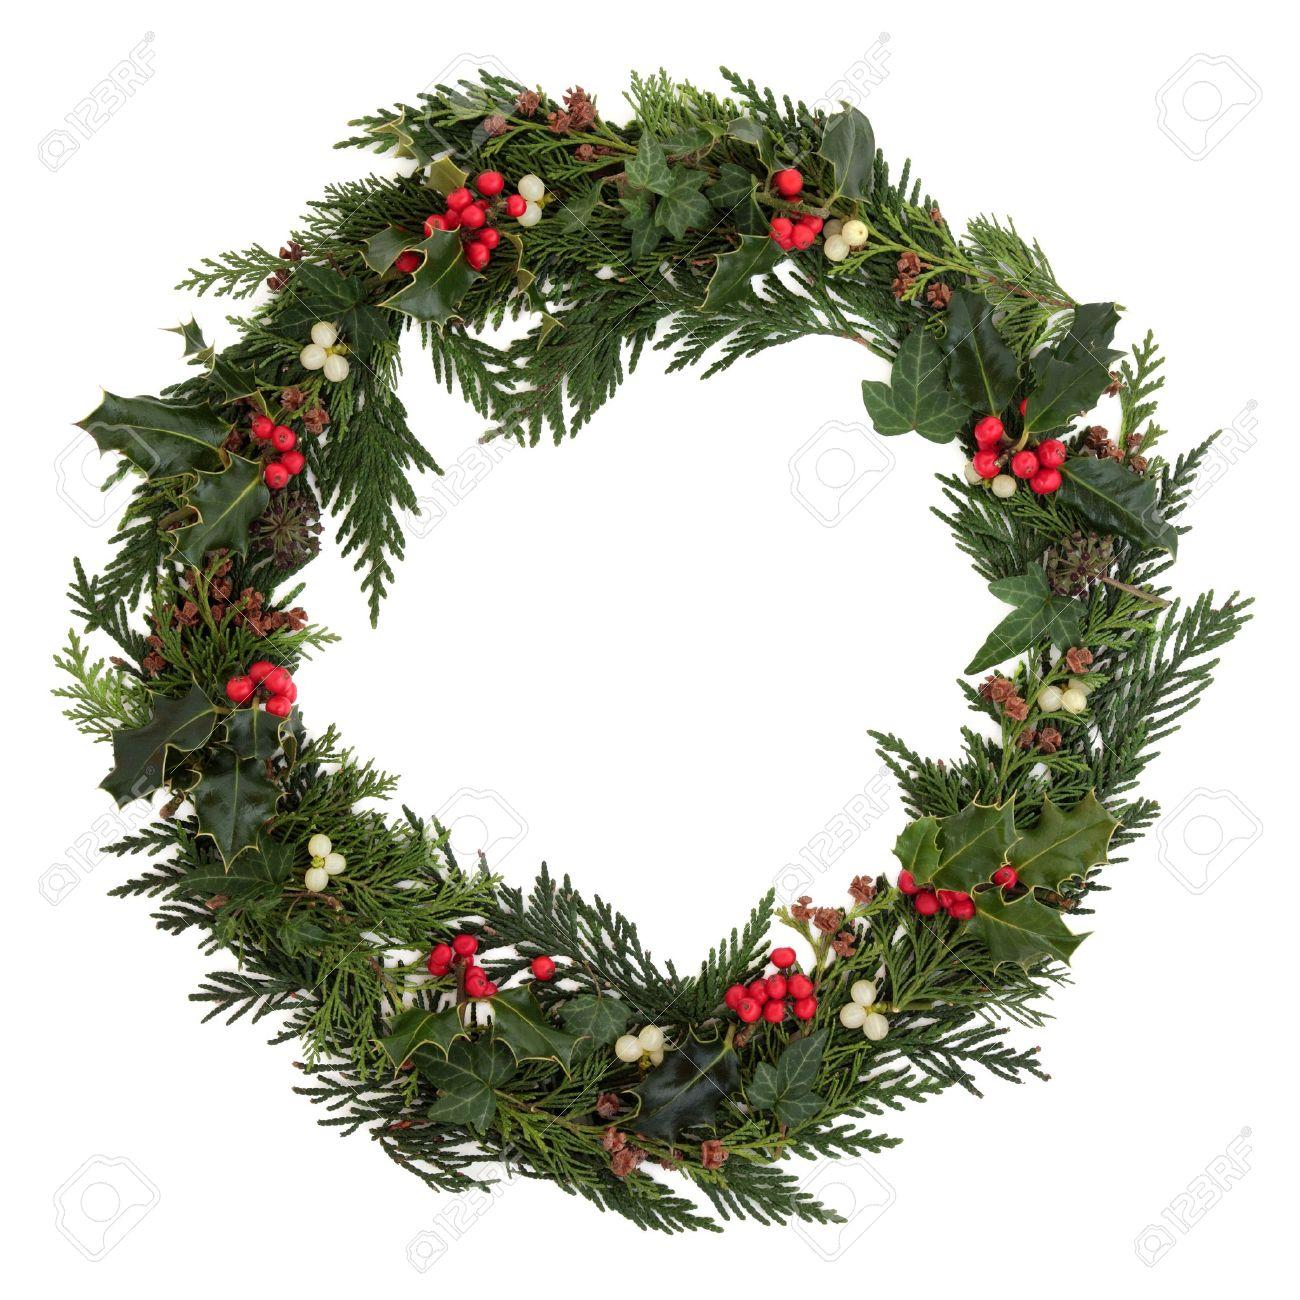 navidad decorativos corona de acebo hiedra murdago las ramitas de cedro y hoja